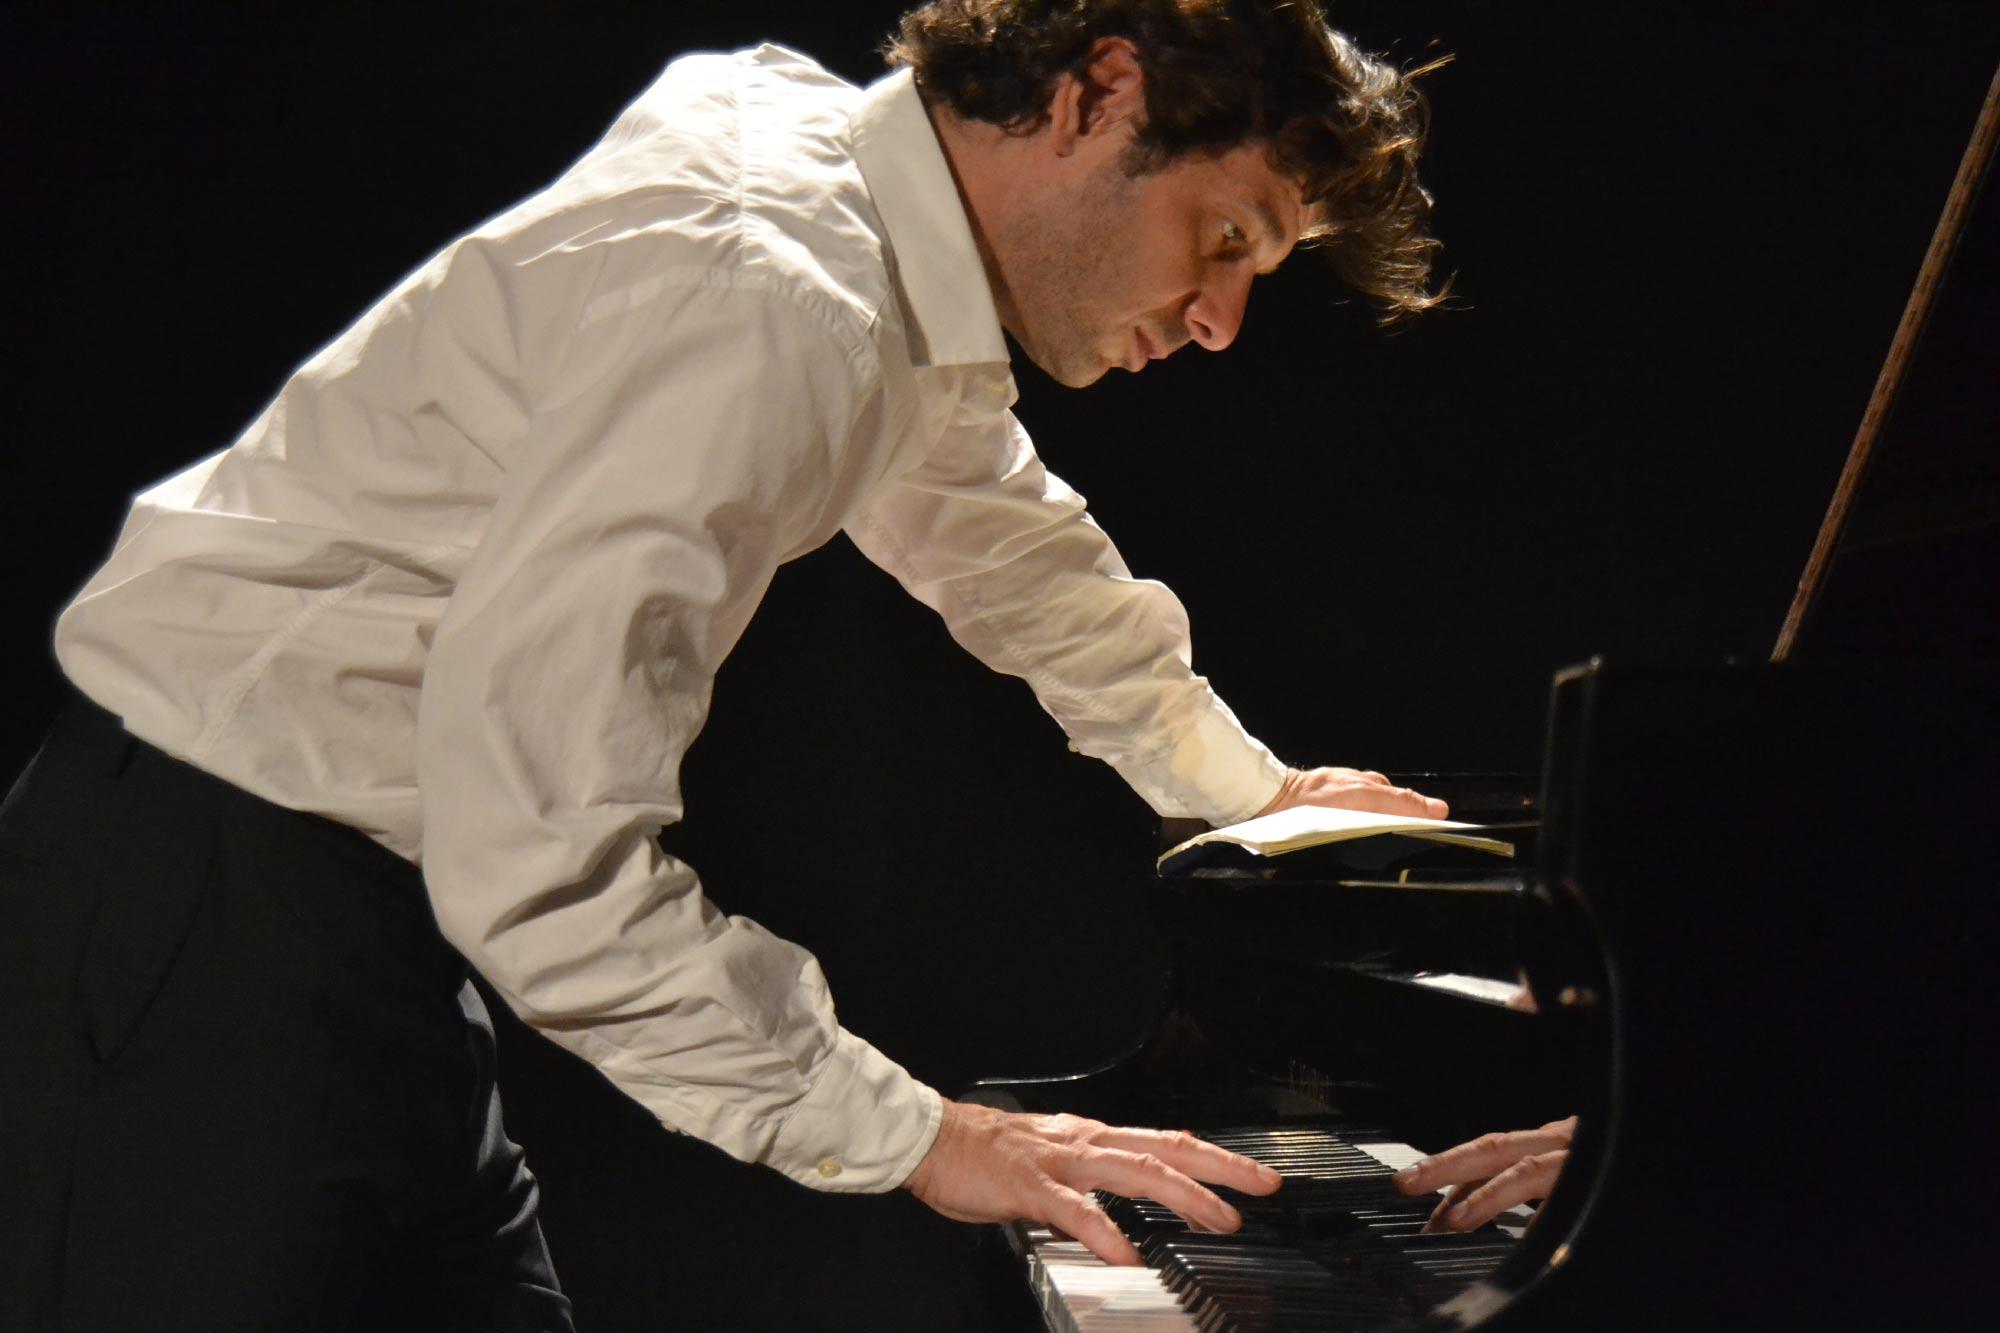 El pianista Javier Laso protagoniza el concierto Pianísimo este domingo en el Auditorio de Tenerife